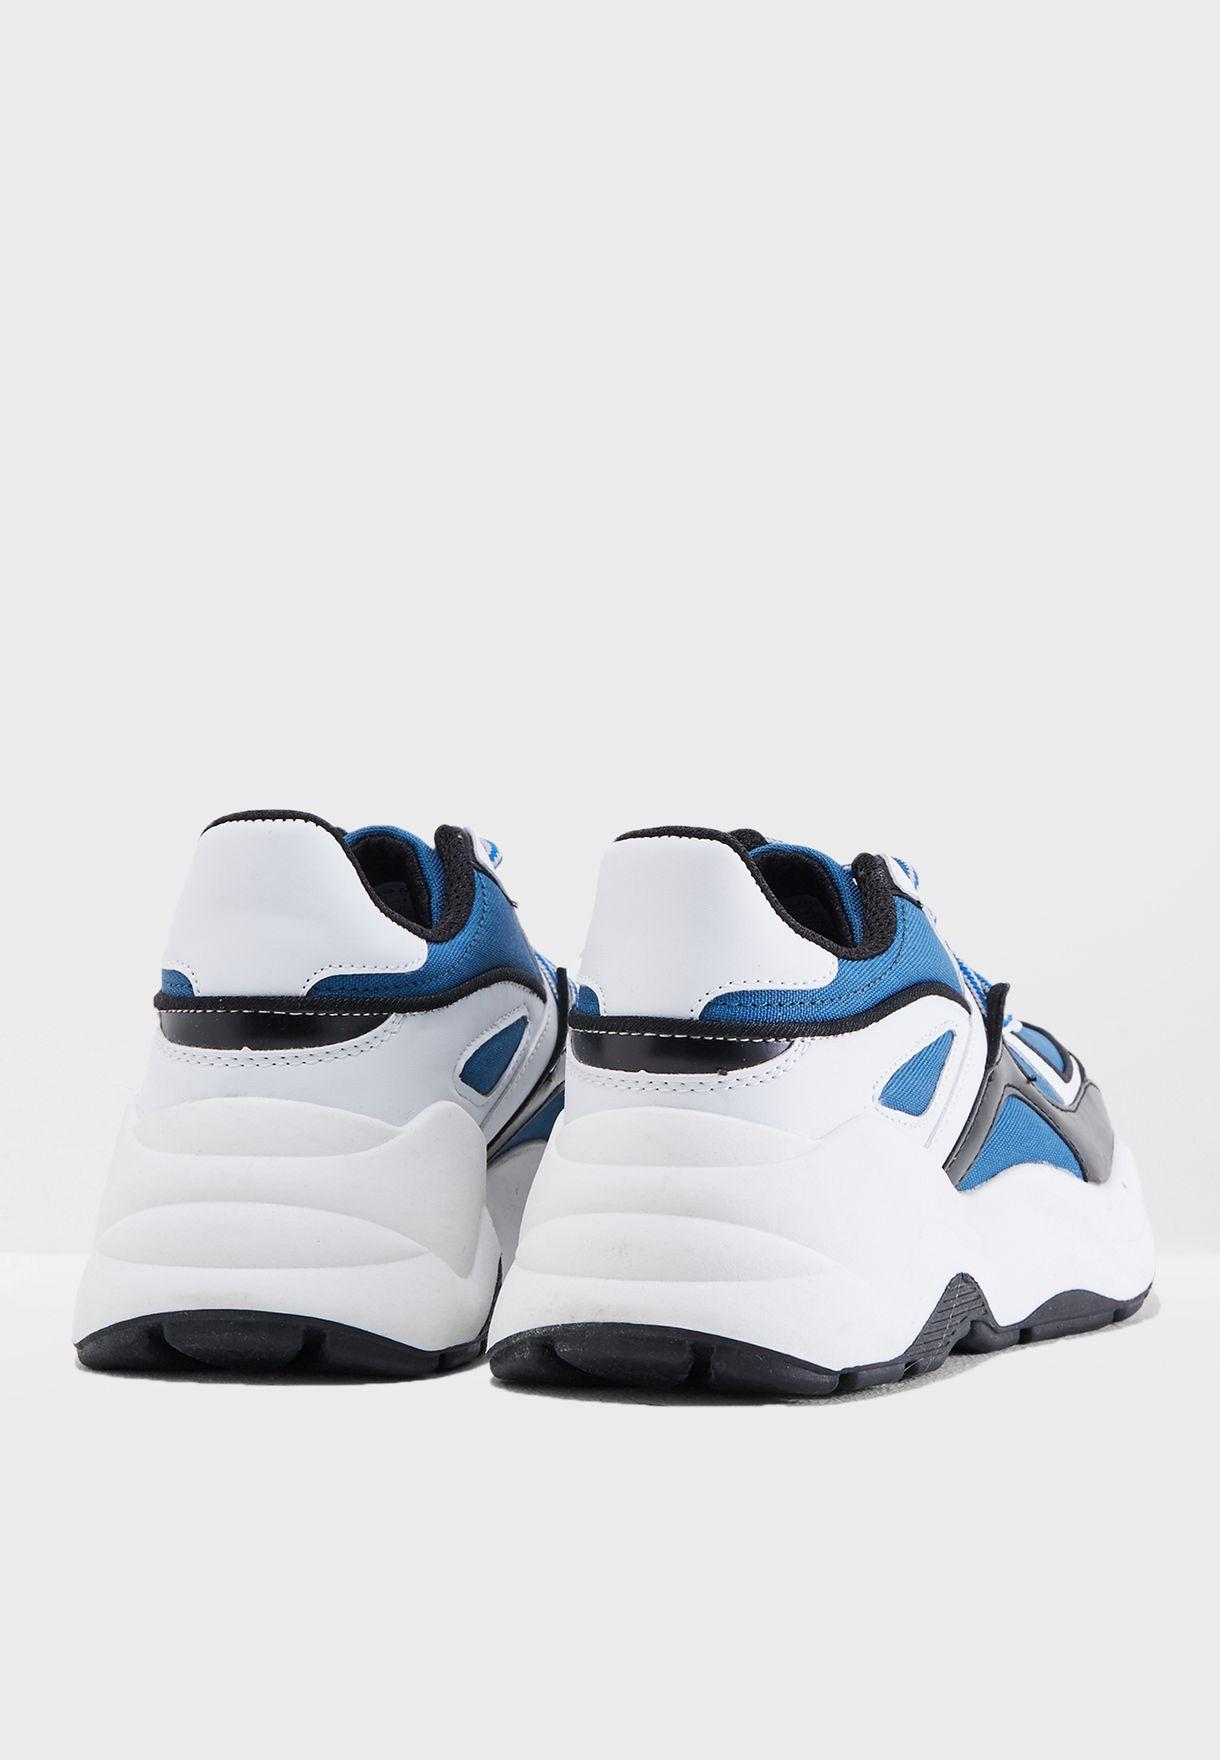 8a7b9df930fef Shop Vero Moda multicolor Natalie Low Top Sneaker 10208372 for Women ...